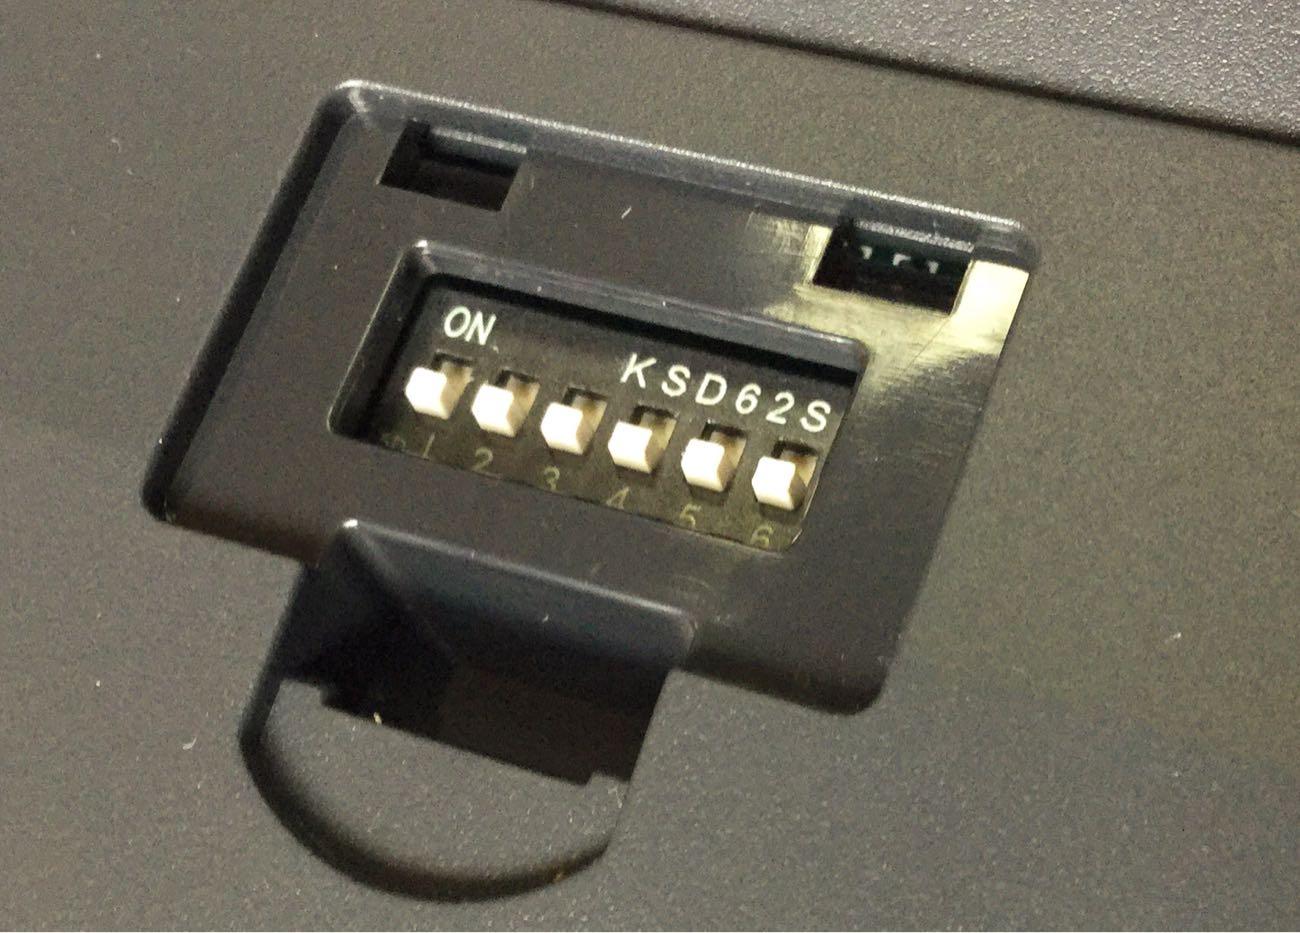 このスイッチでキーの割り当てをカスタマイズできます